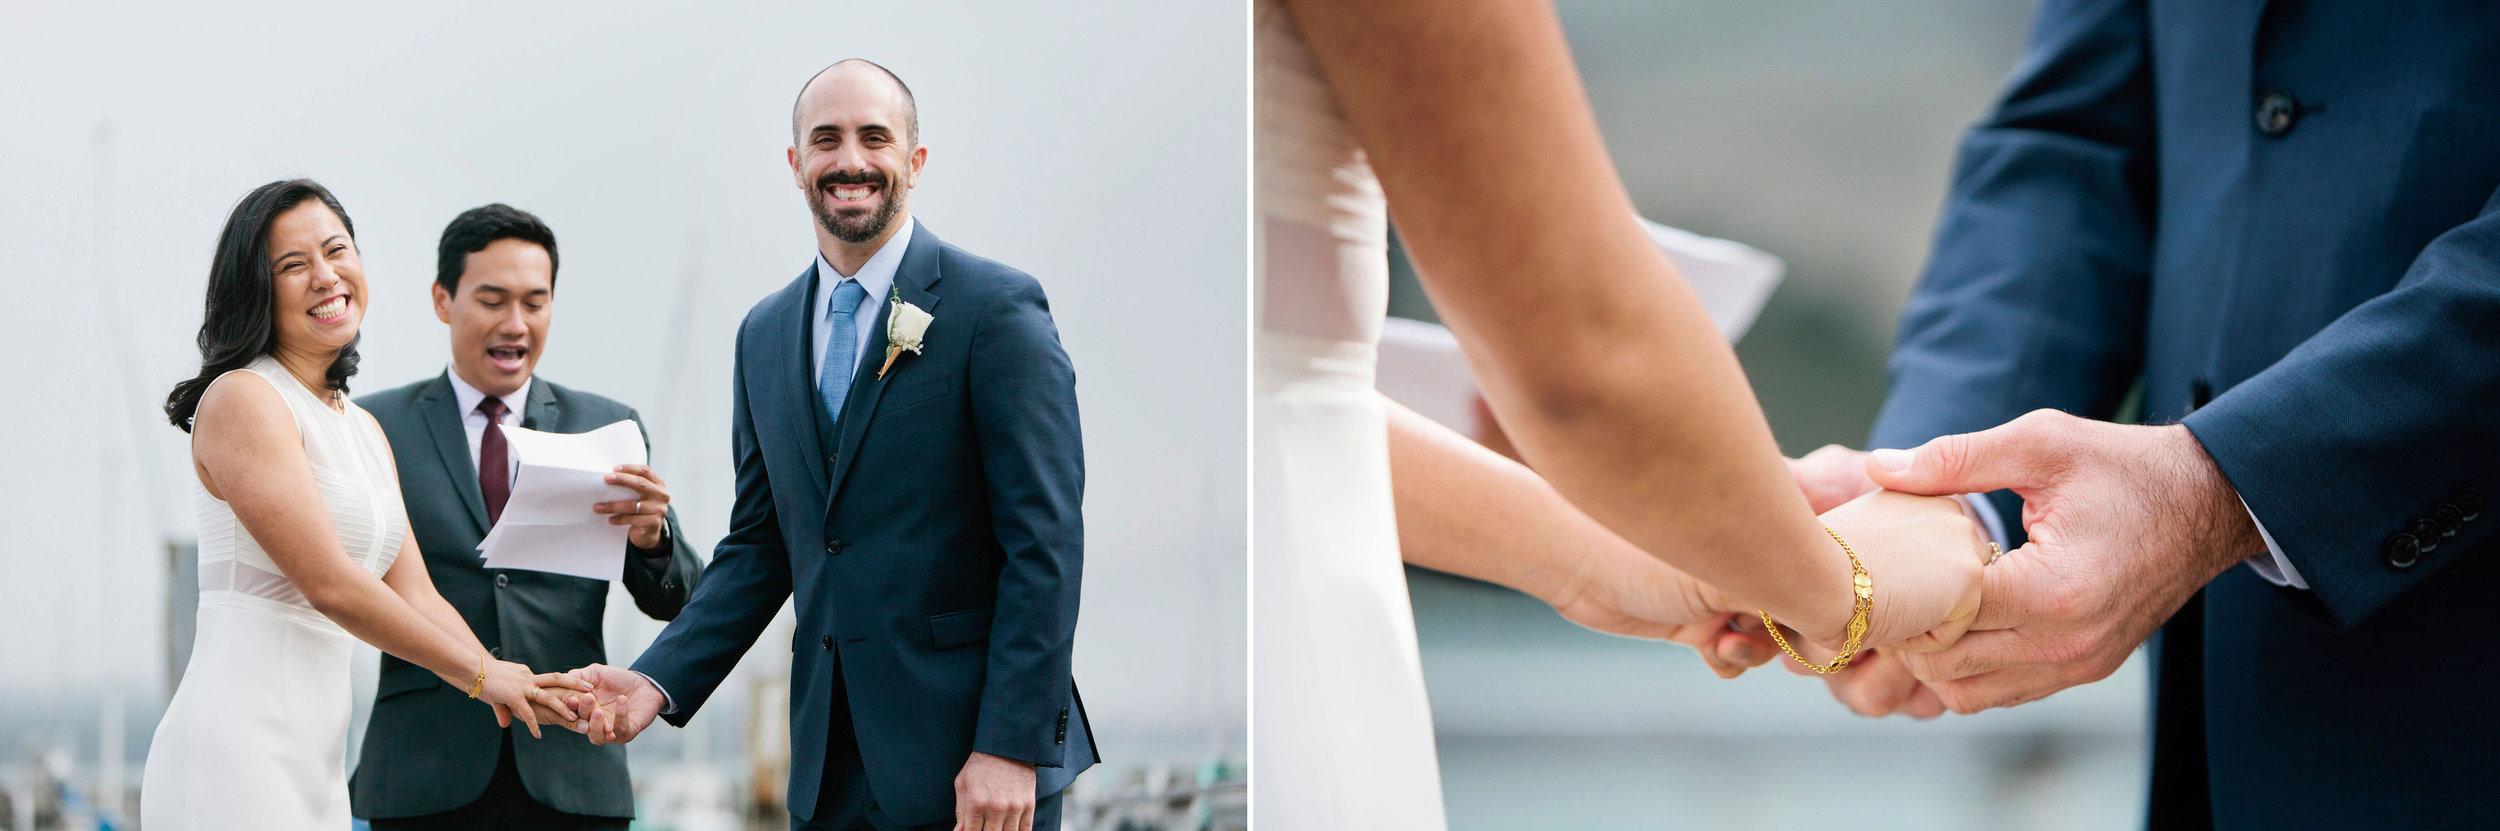 Presidio-Yacht-Club-Wedding-041 copy.jpg